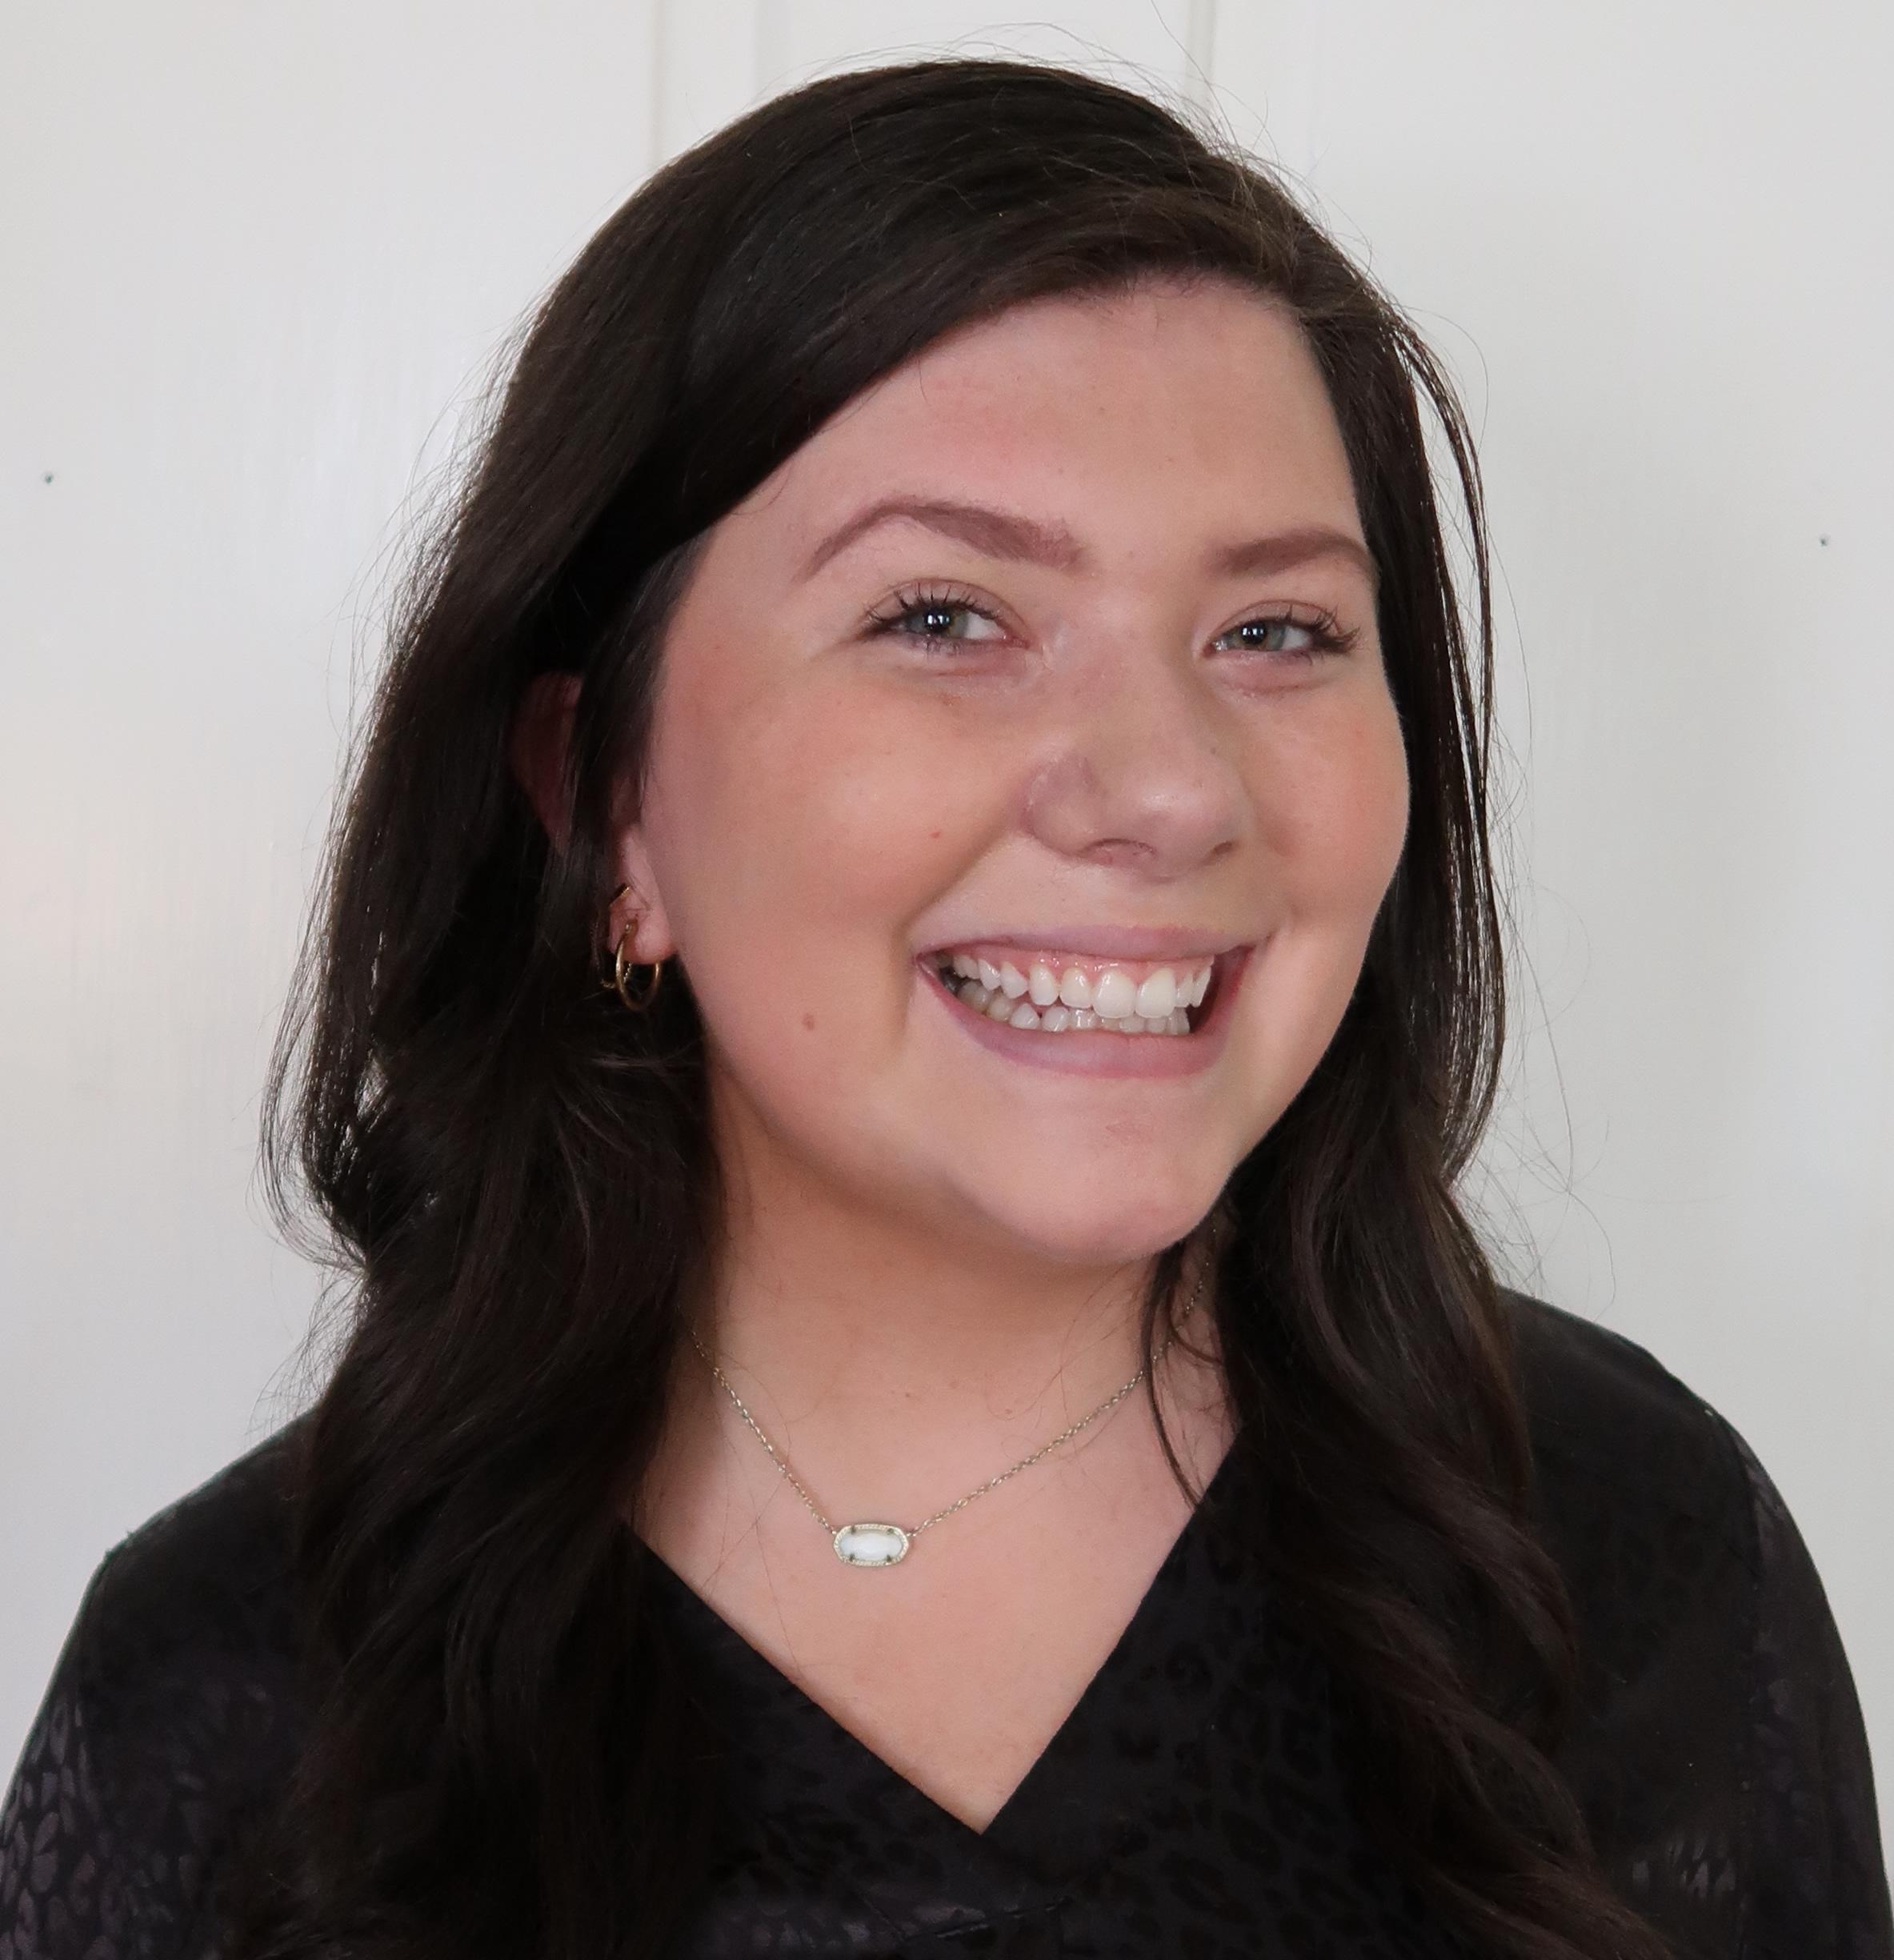 Megan Kelleher